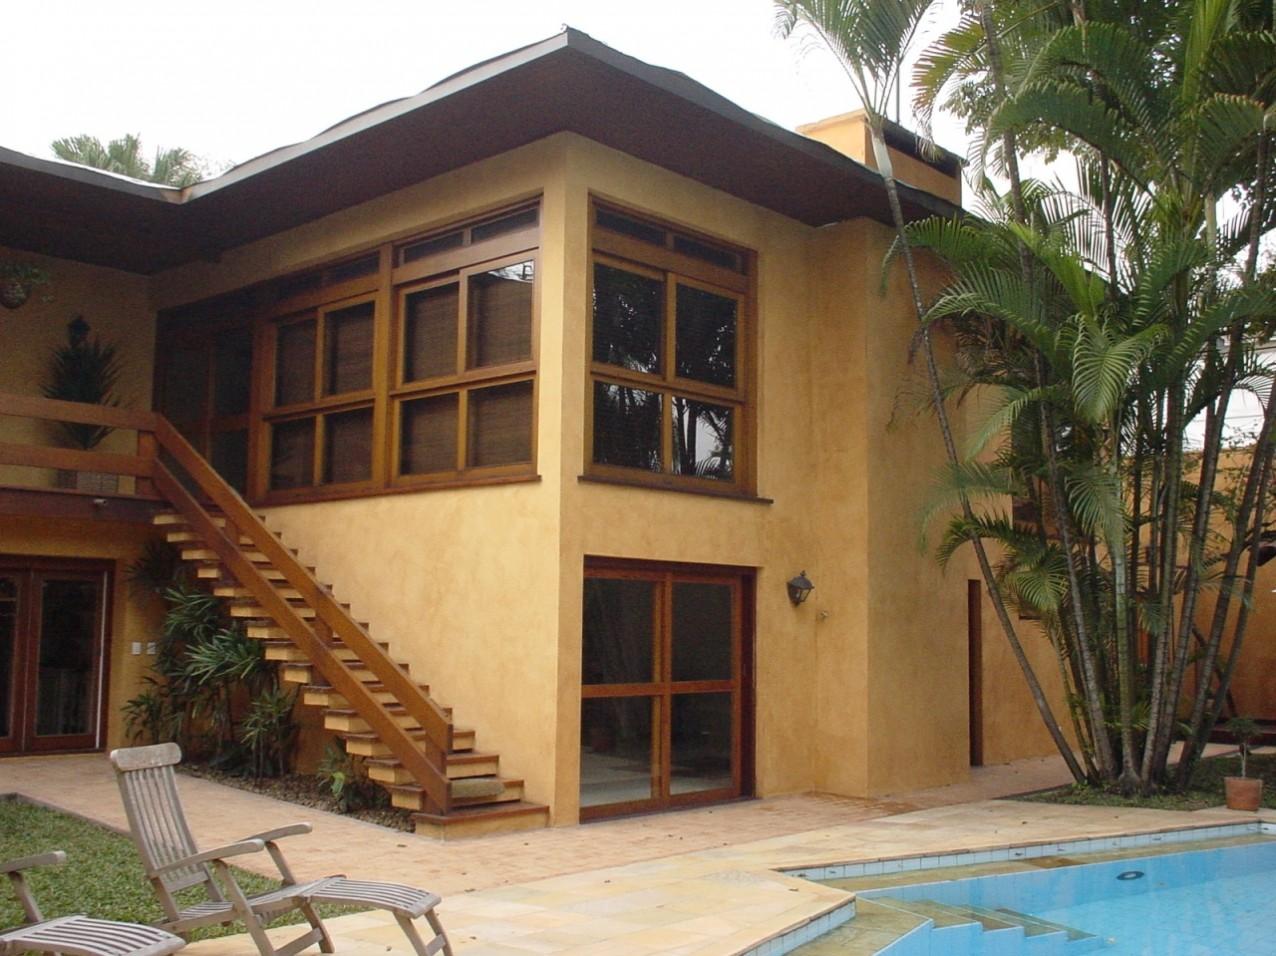 Obra residencial Pinheiros II - Fachada